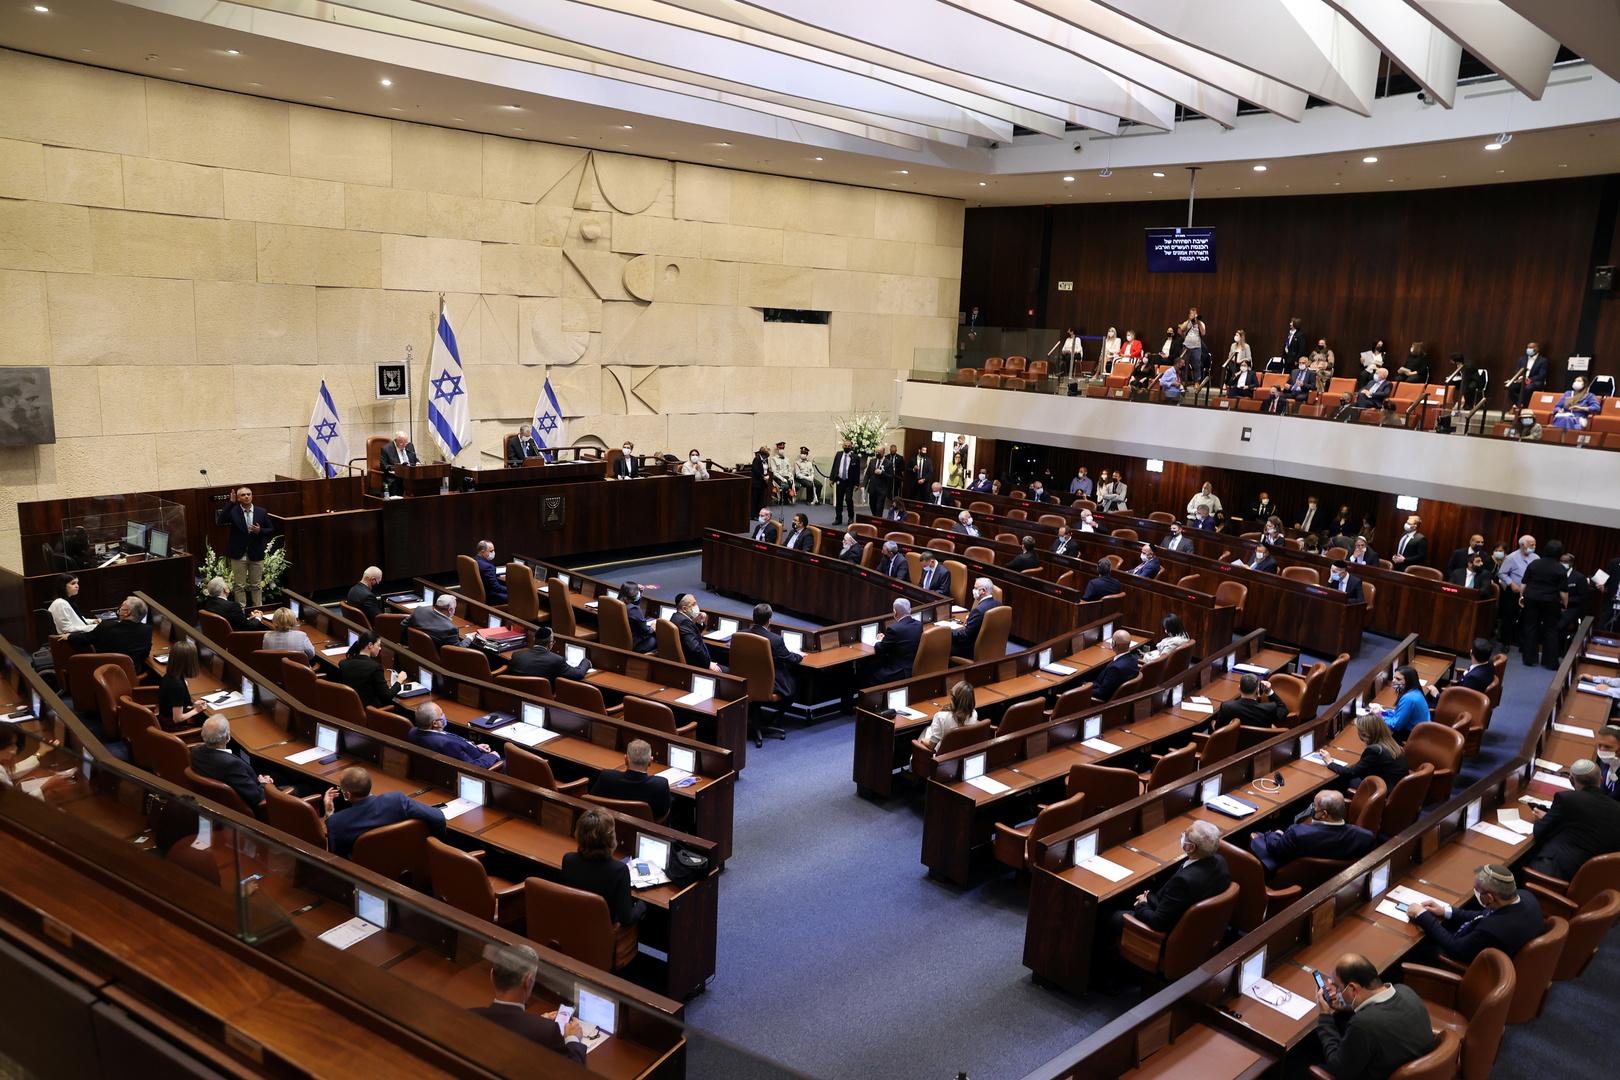 الكنيست الإسرائيلي (6 أبريل 2021)